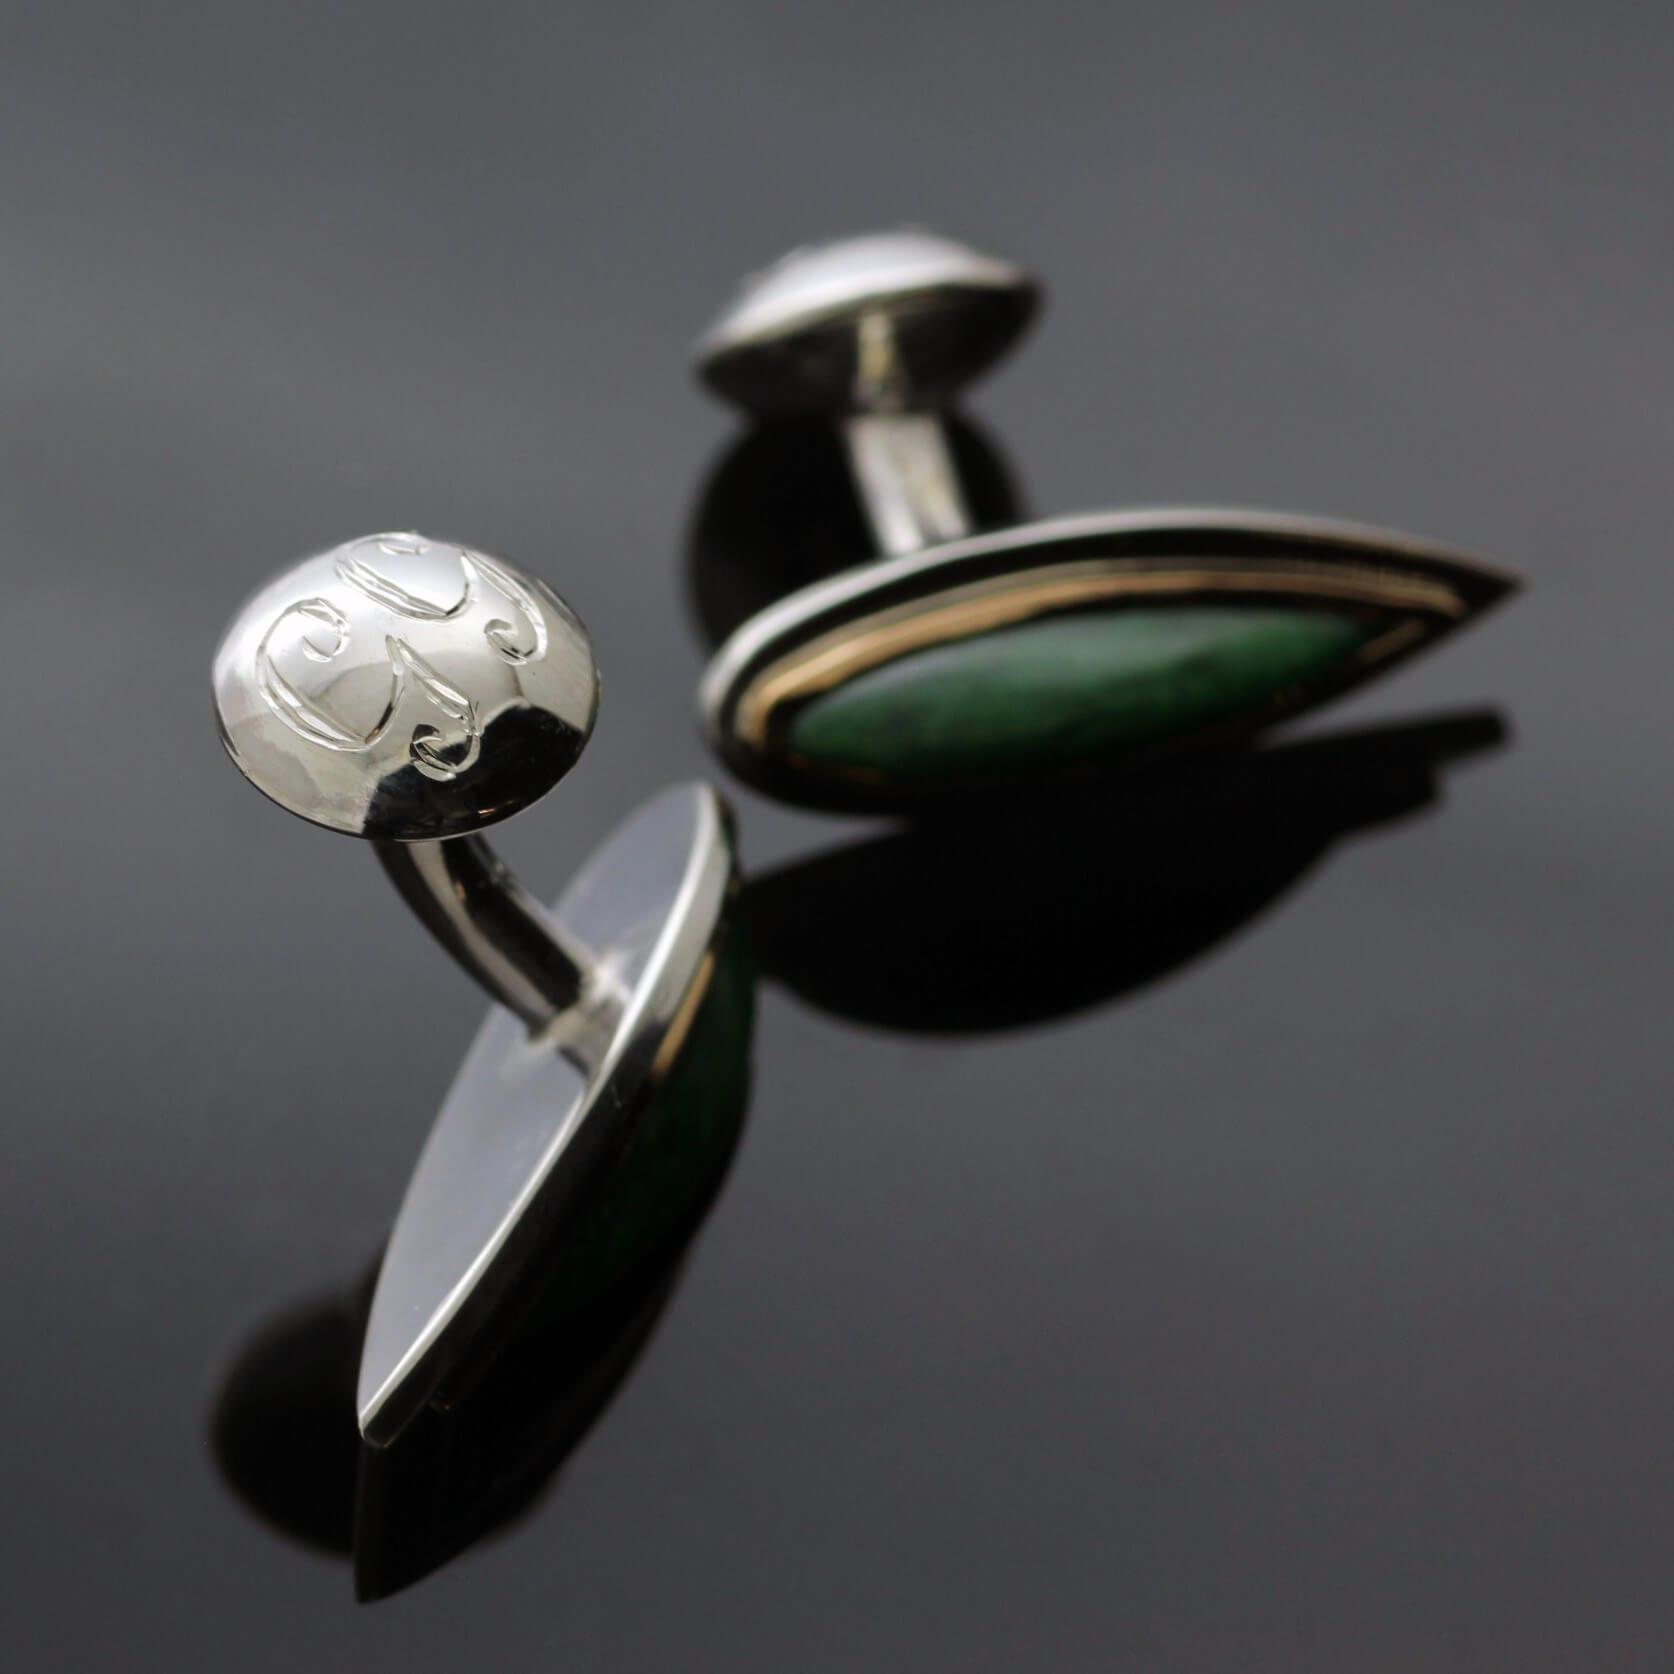 Personalised hand engraved bespoke Jade cufflinks by Julian Stephens Goldsmith